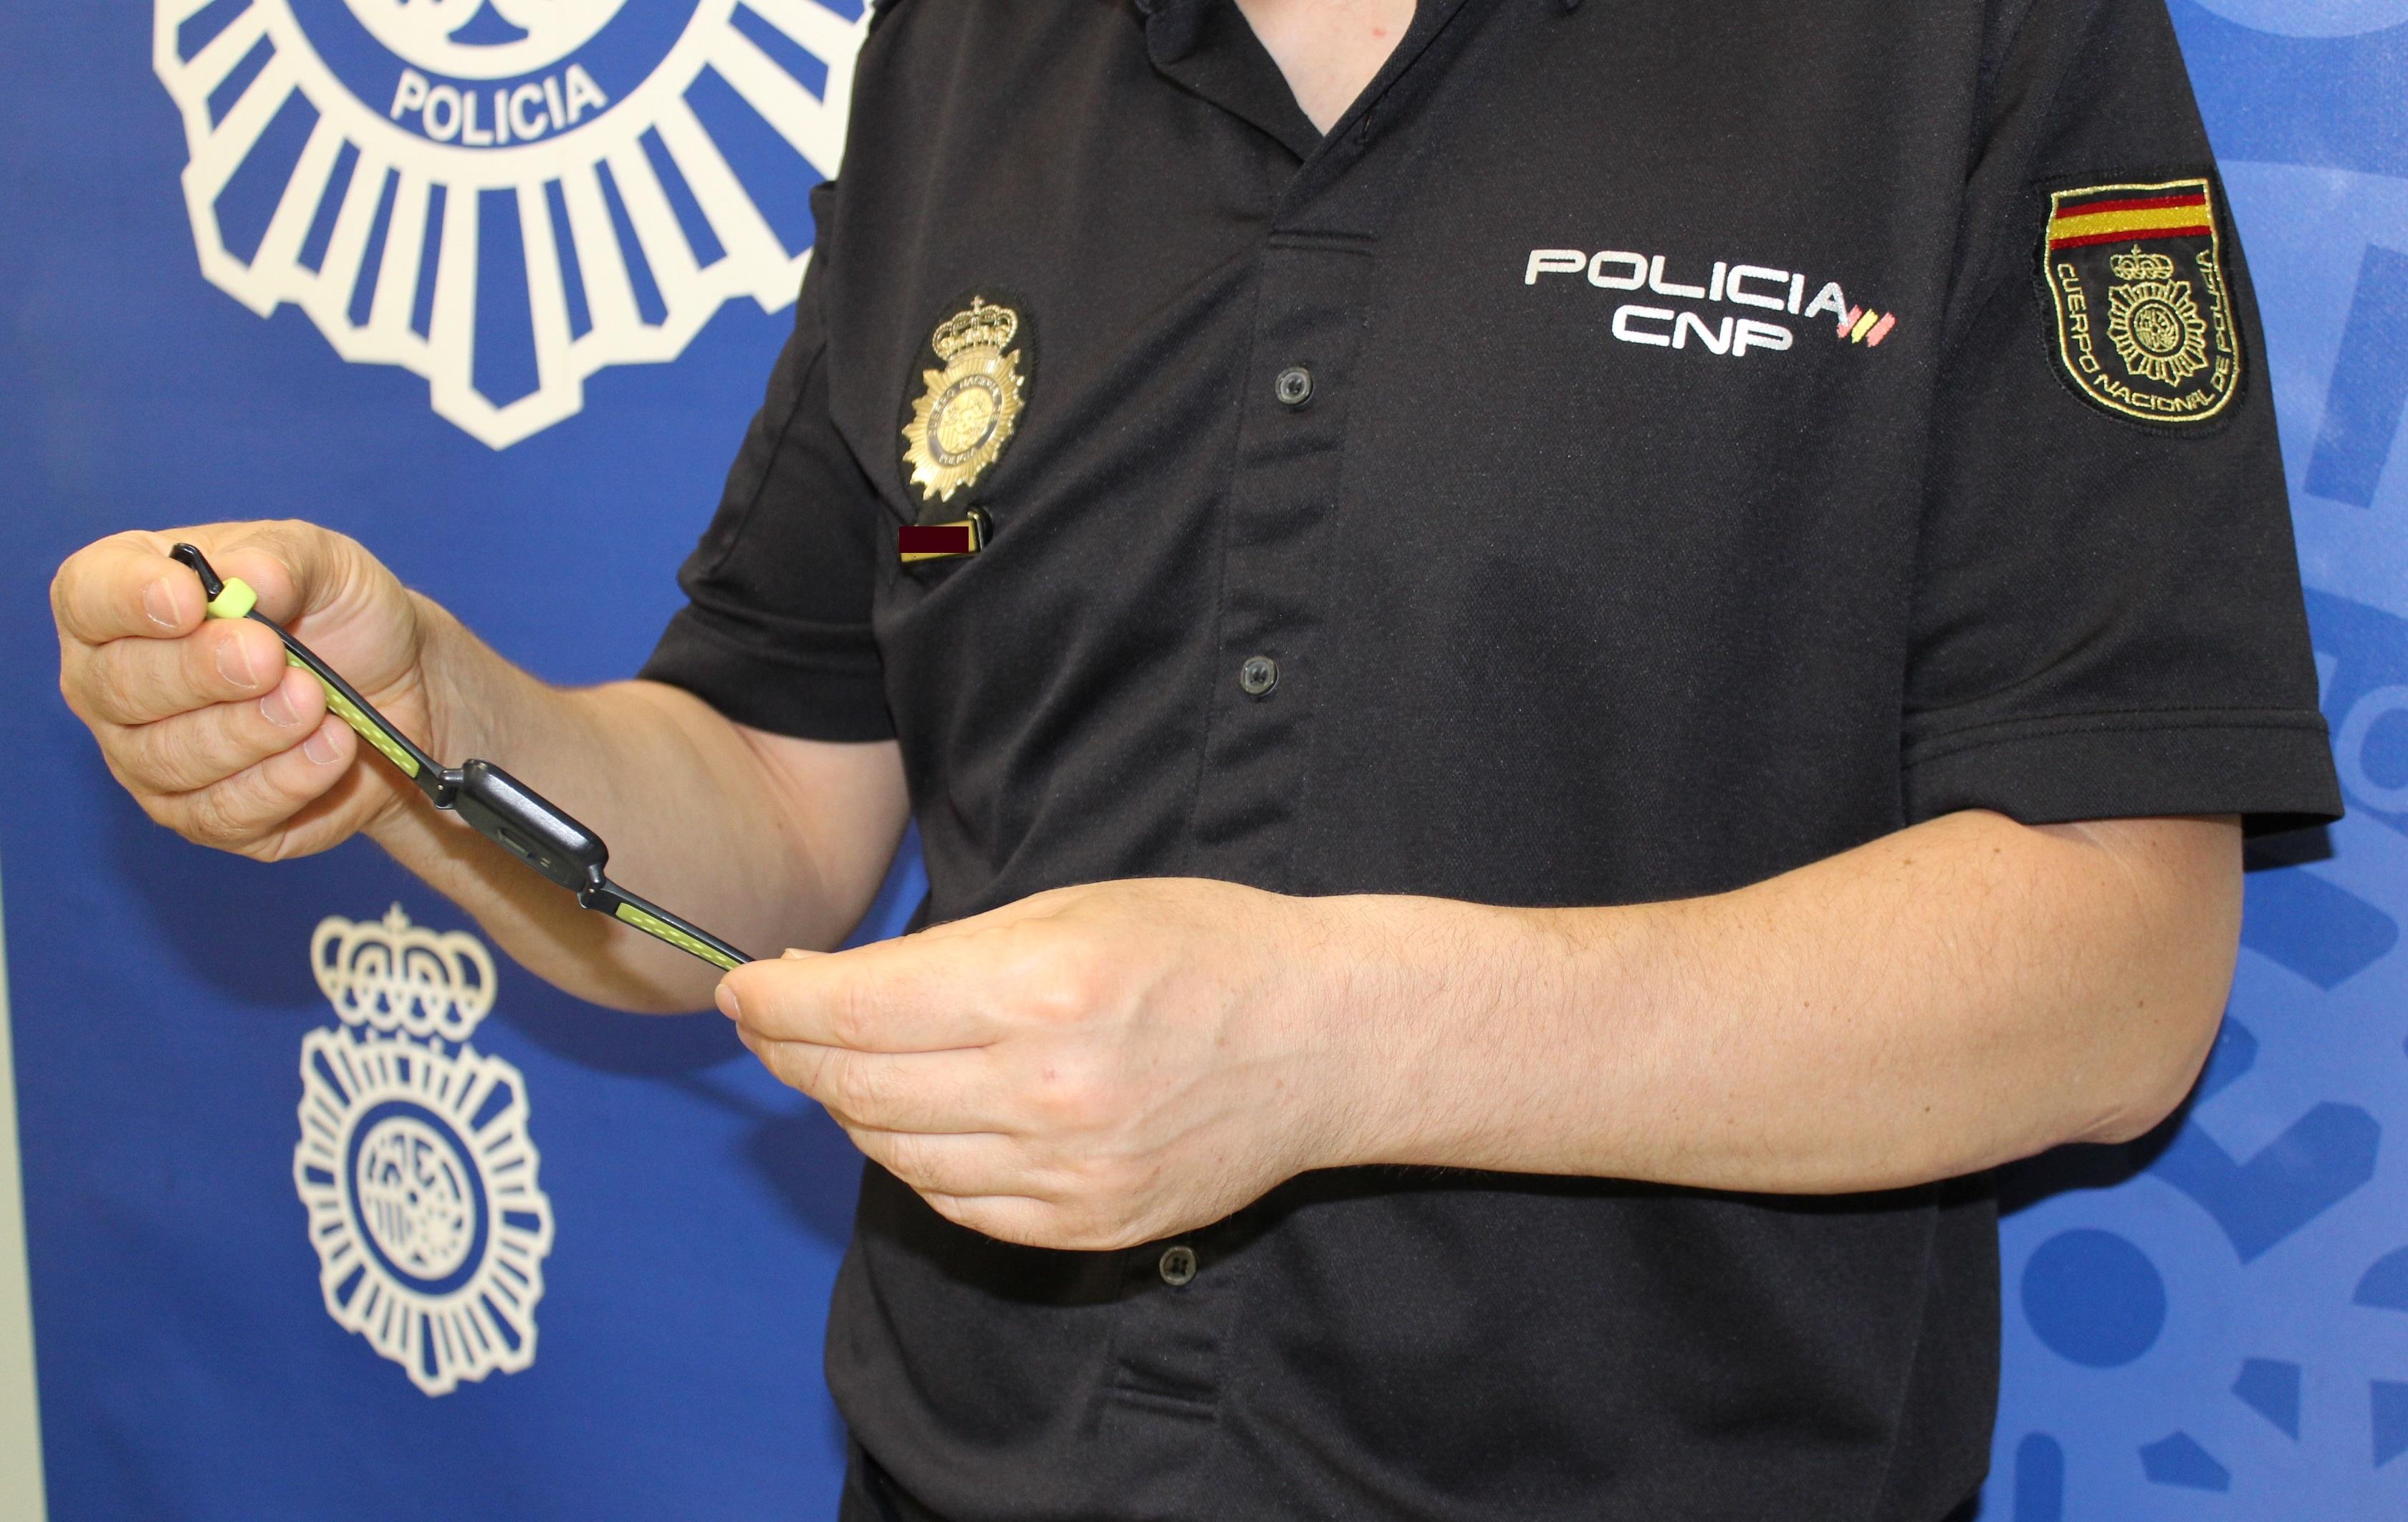 Detienen al presunto autor de un robo con violencia en el agredió a la víctima para sustraerle un reloj inteligente